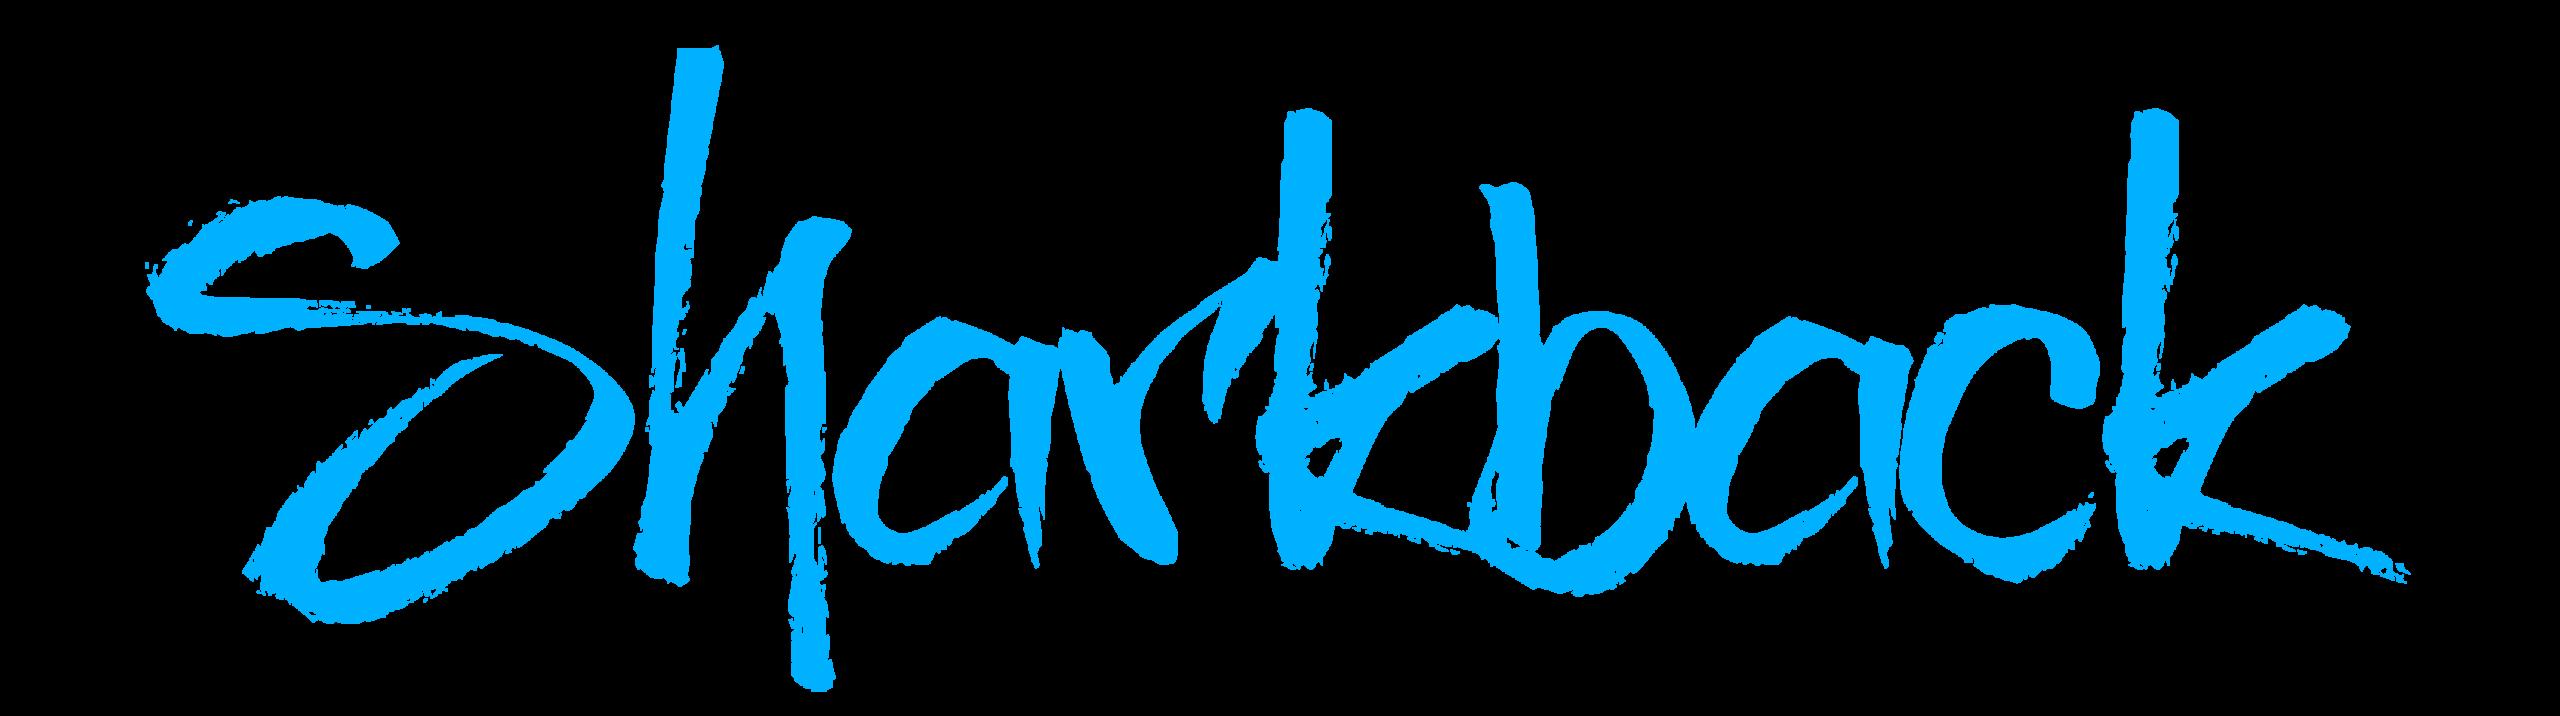 Texte du logo SHARKBACK en bleu